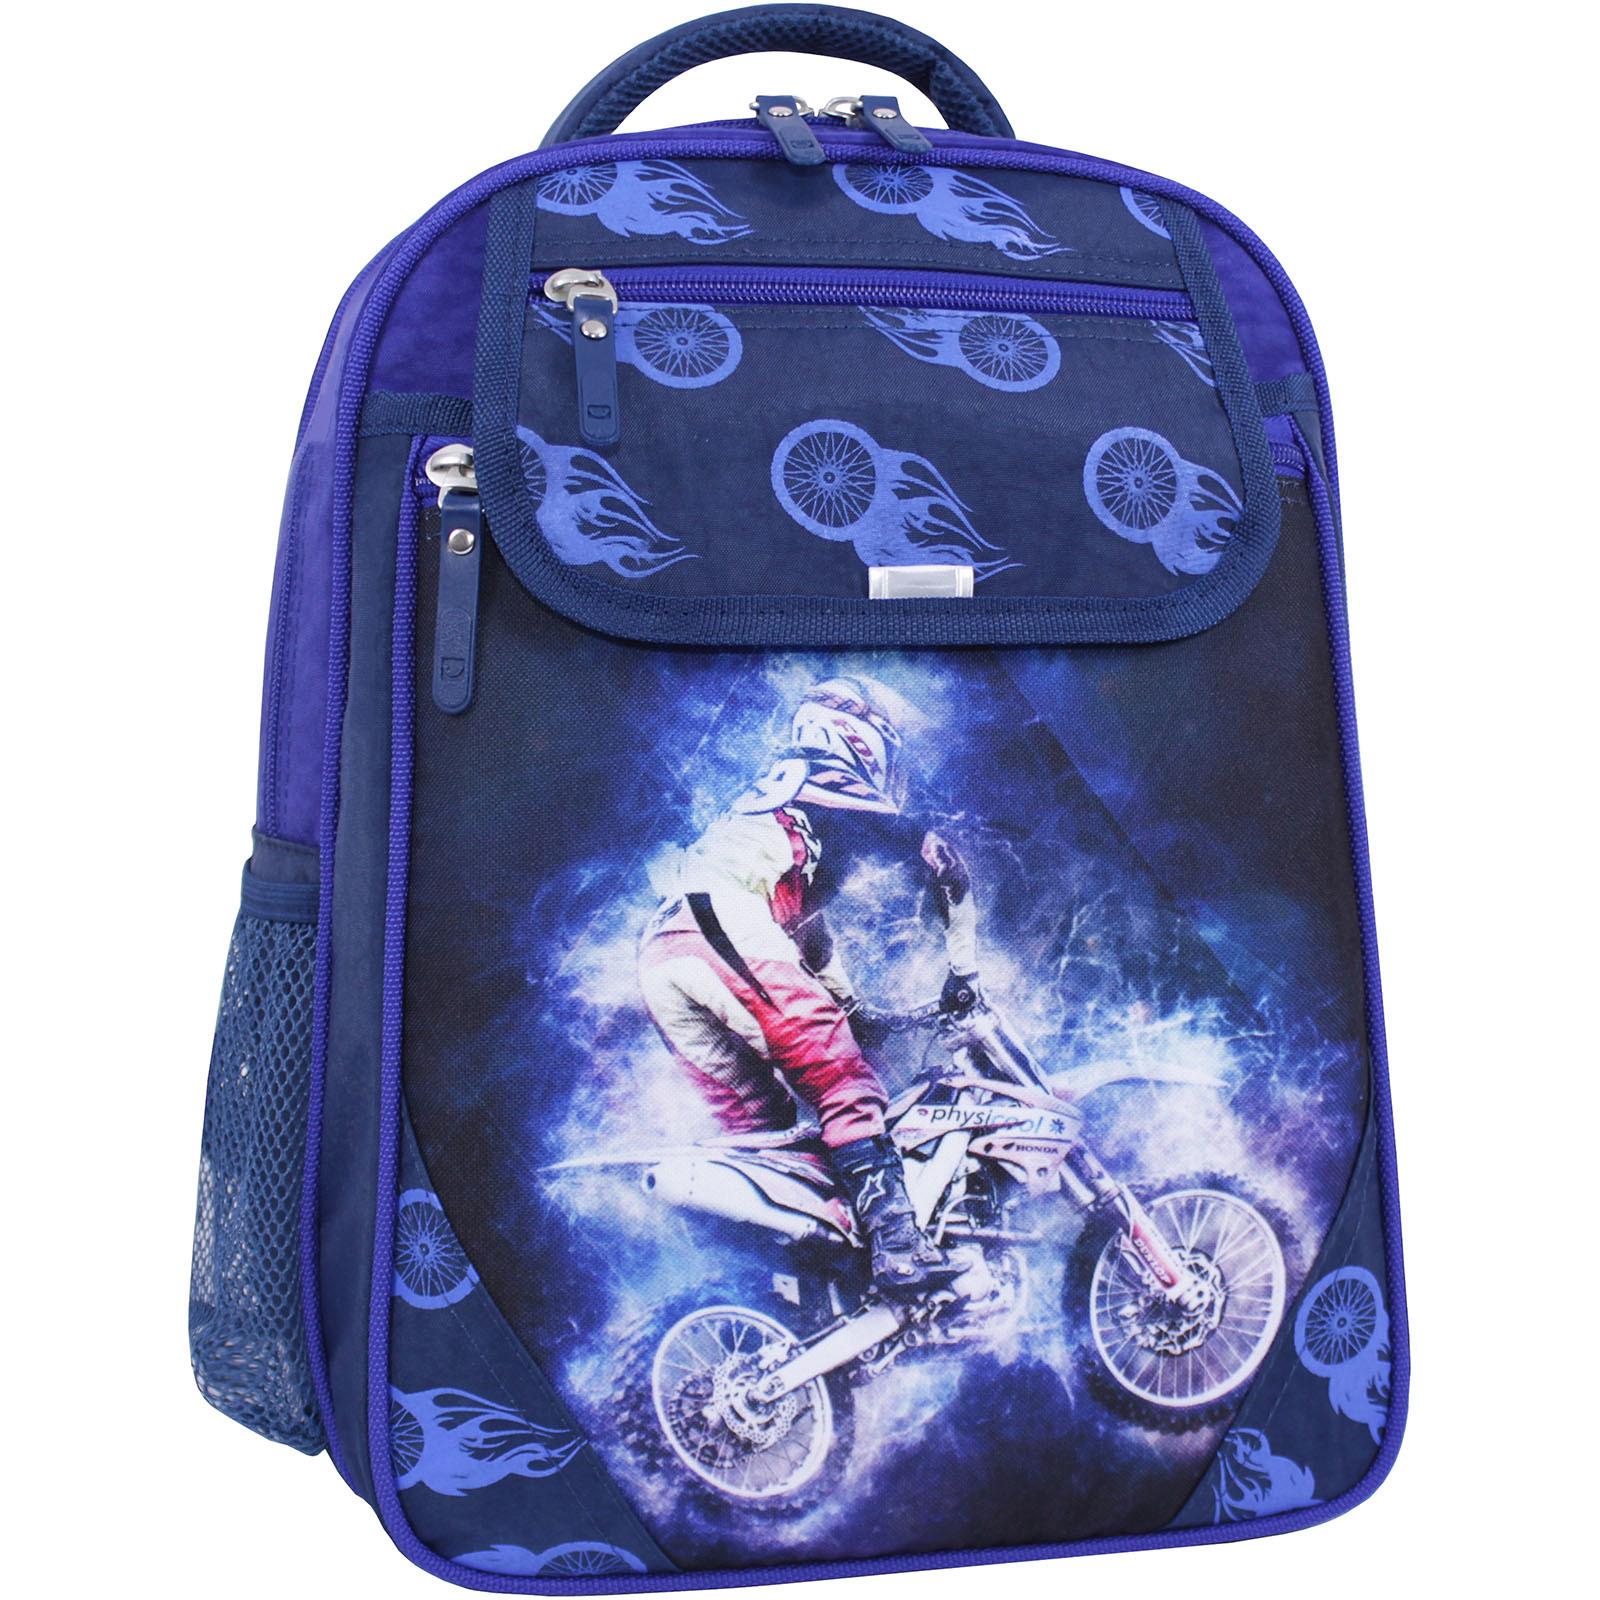 Школьные рюкзаки Рюкзак школьный Bagland Отличник 20 л. 225 синий 507 (0058070) IMG_1865_суб.507_.JPG